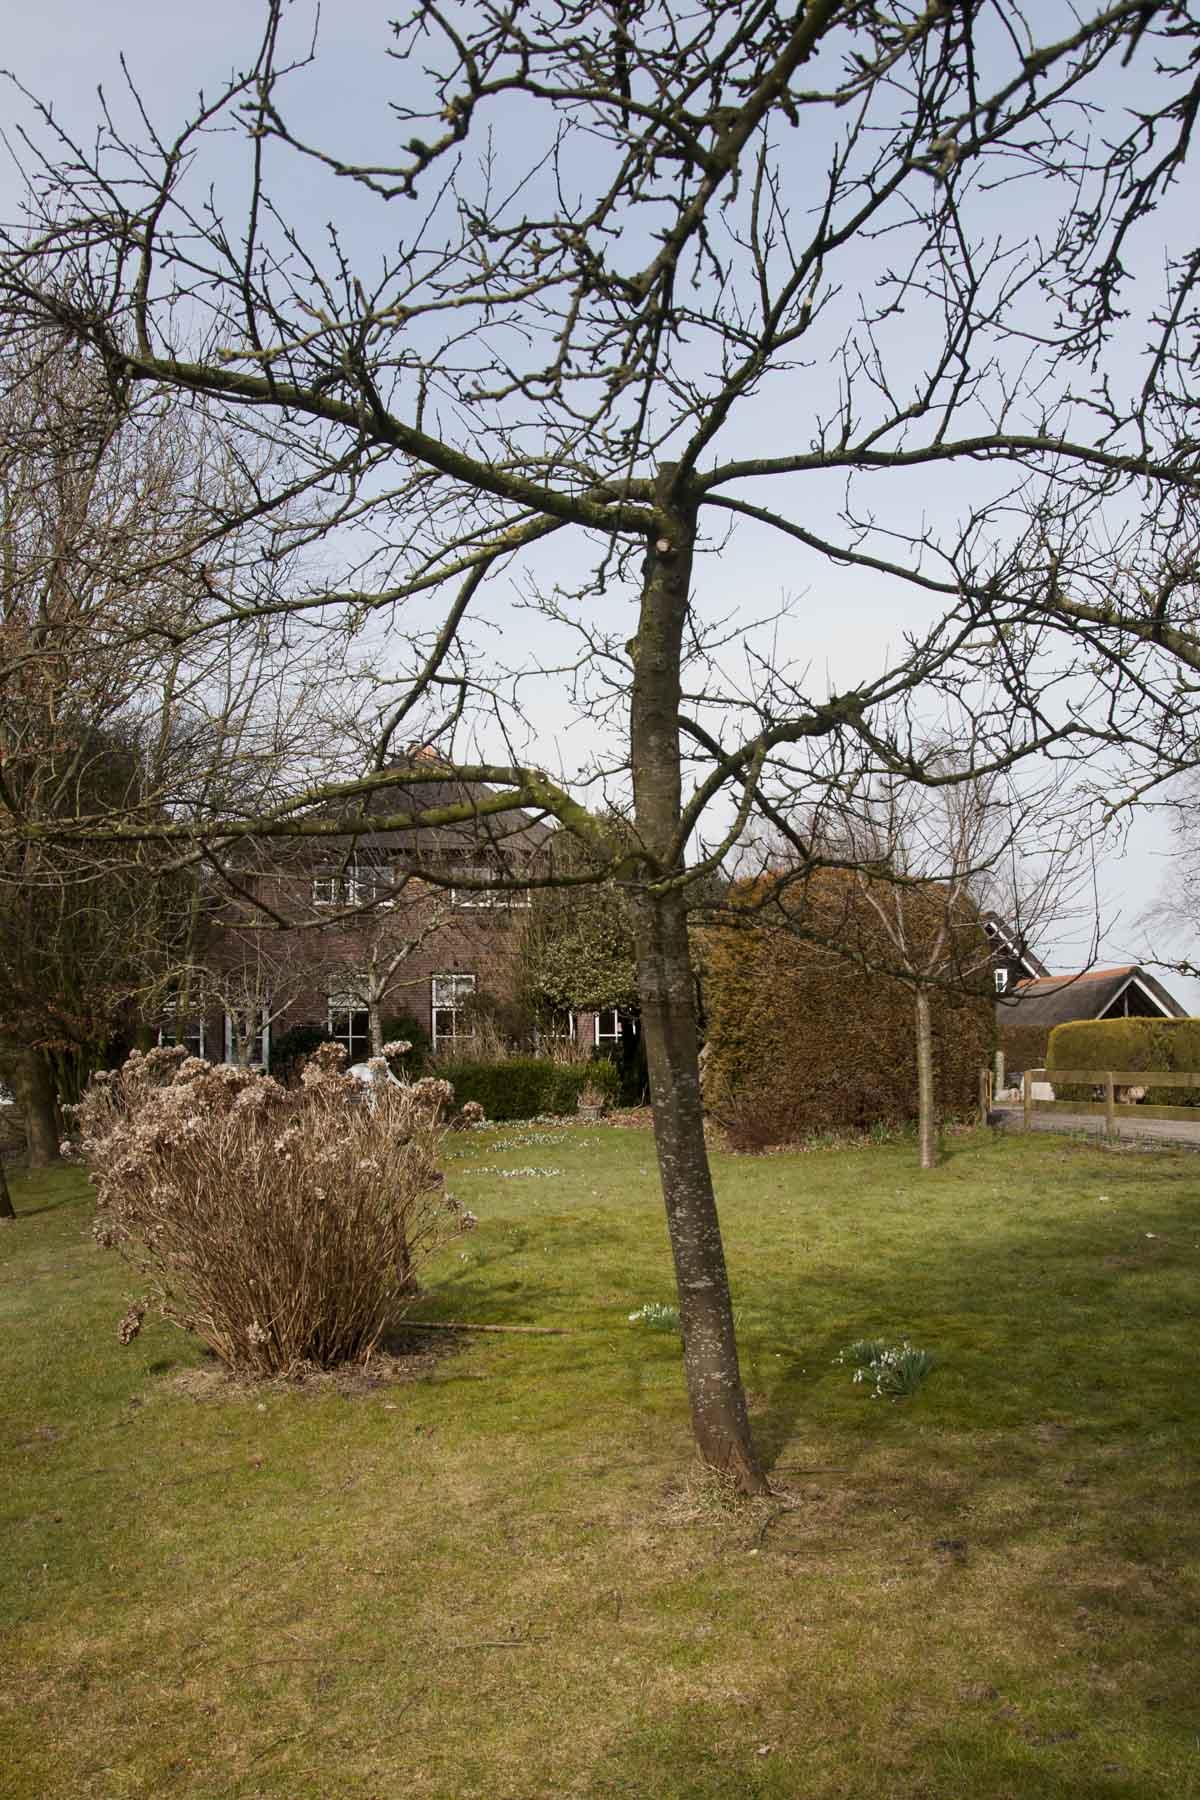 2013-03-23-hsb-wanneperveen-4540